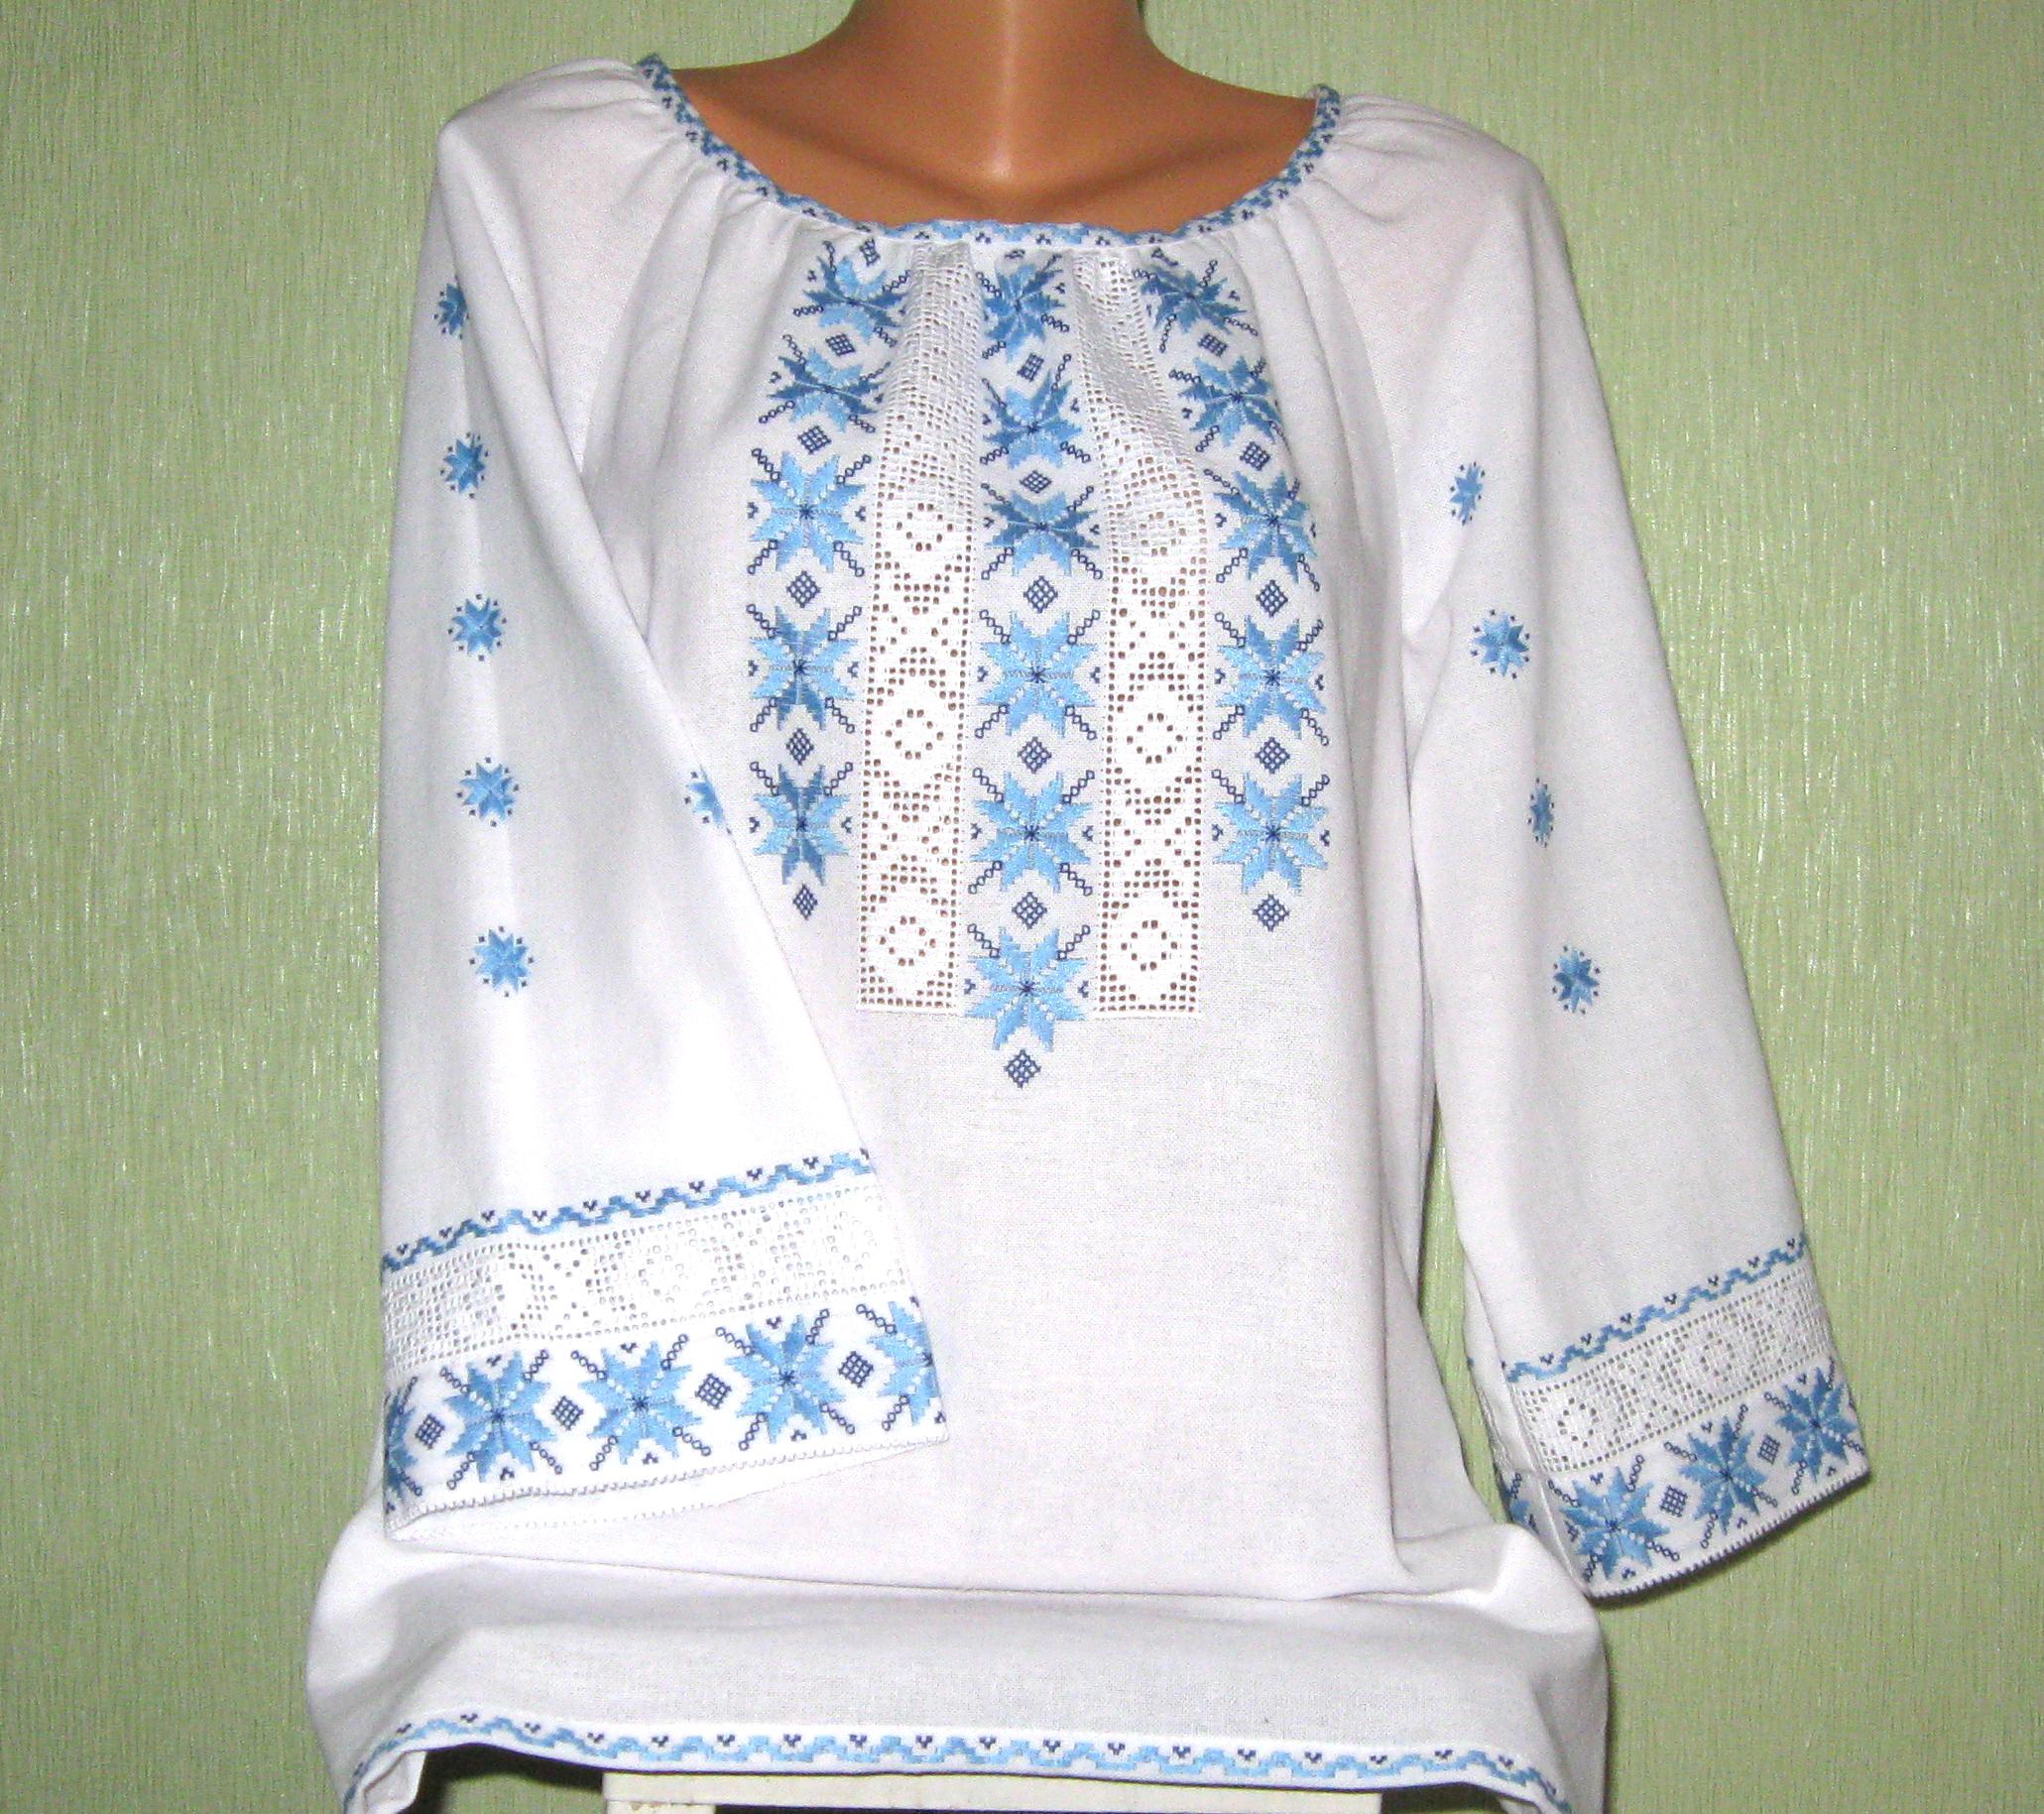 жіноча вишиванка з мереживом - Товари - Вишиванки ручної роботи від ... dac69693bd3c7